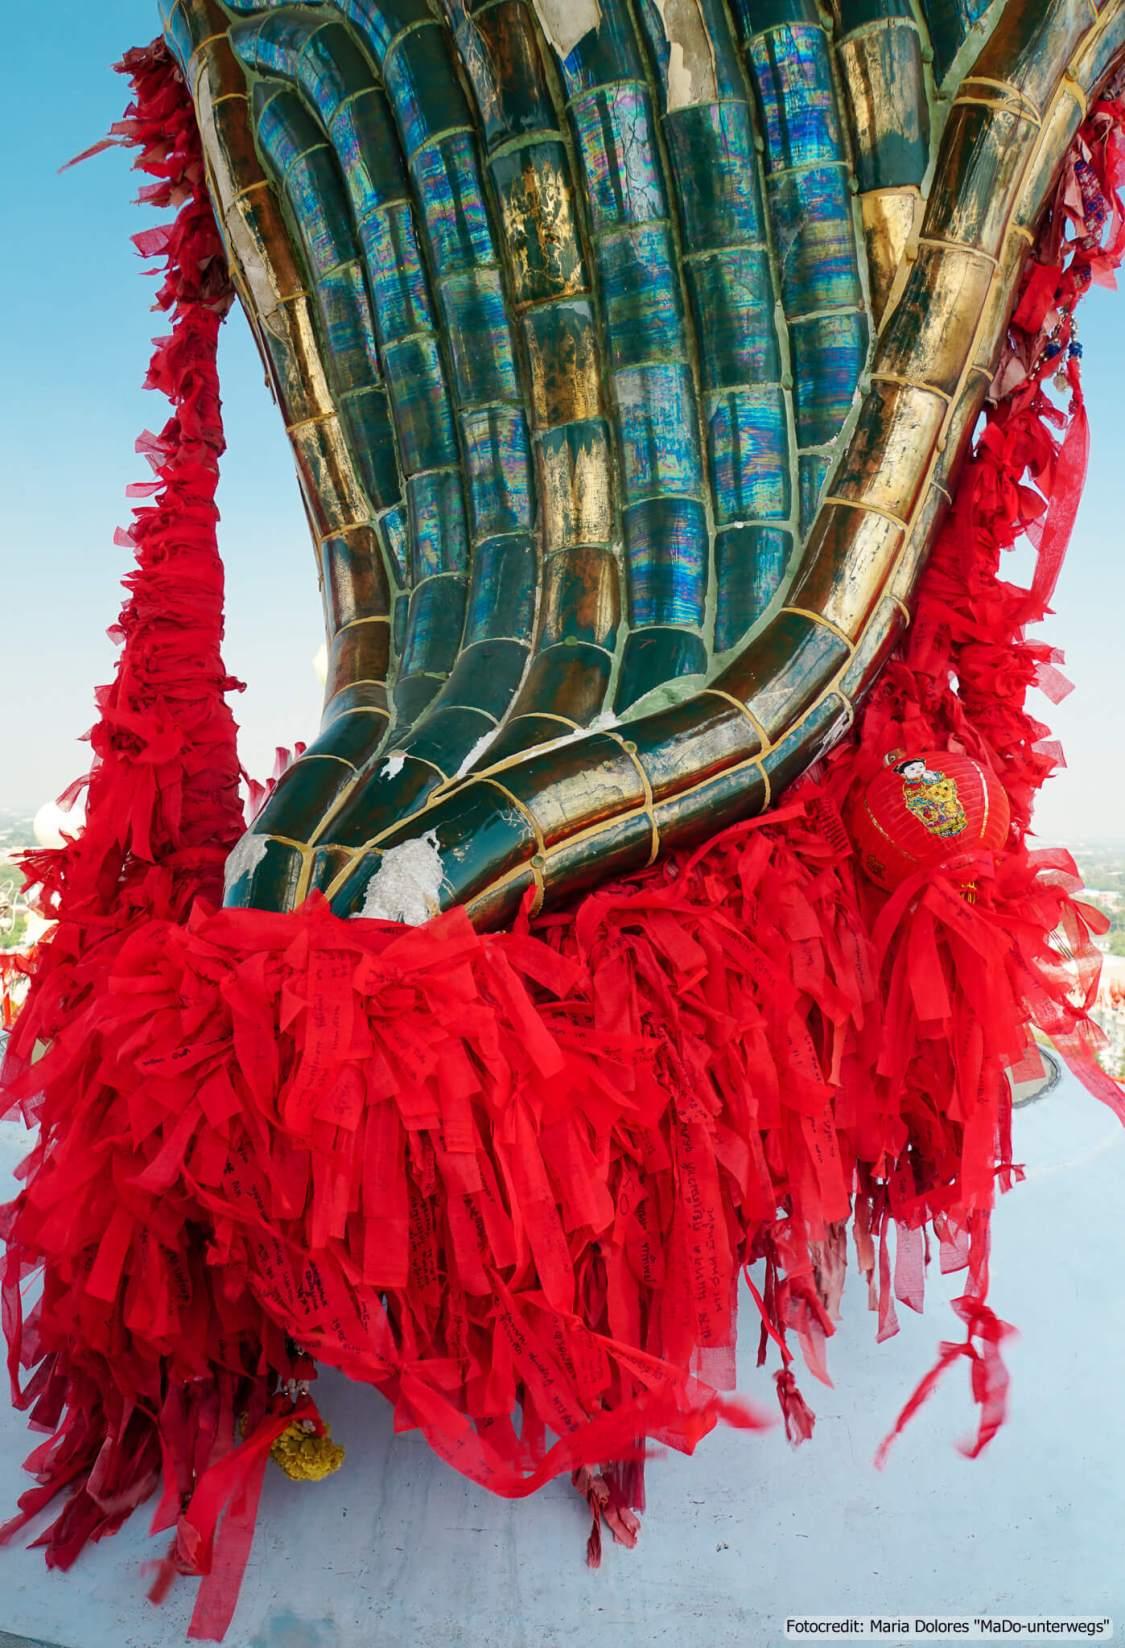 Wat Samphran (Drachentempel) in Nakhon Pathom - Bart des Drachen (Reisetagebuch «Thailand als Alleinreisende ohne Roller entdecken»)